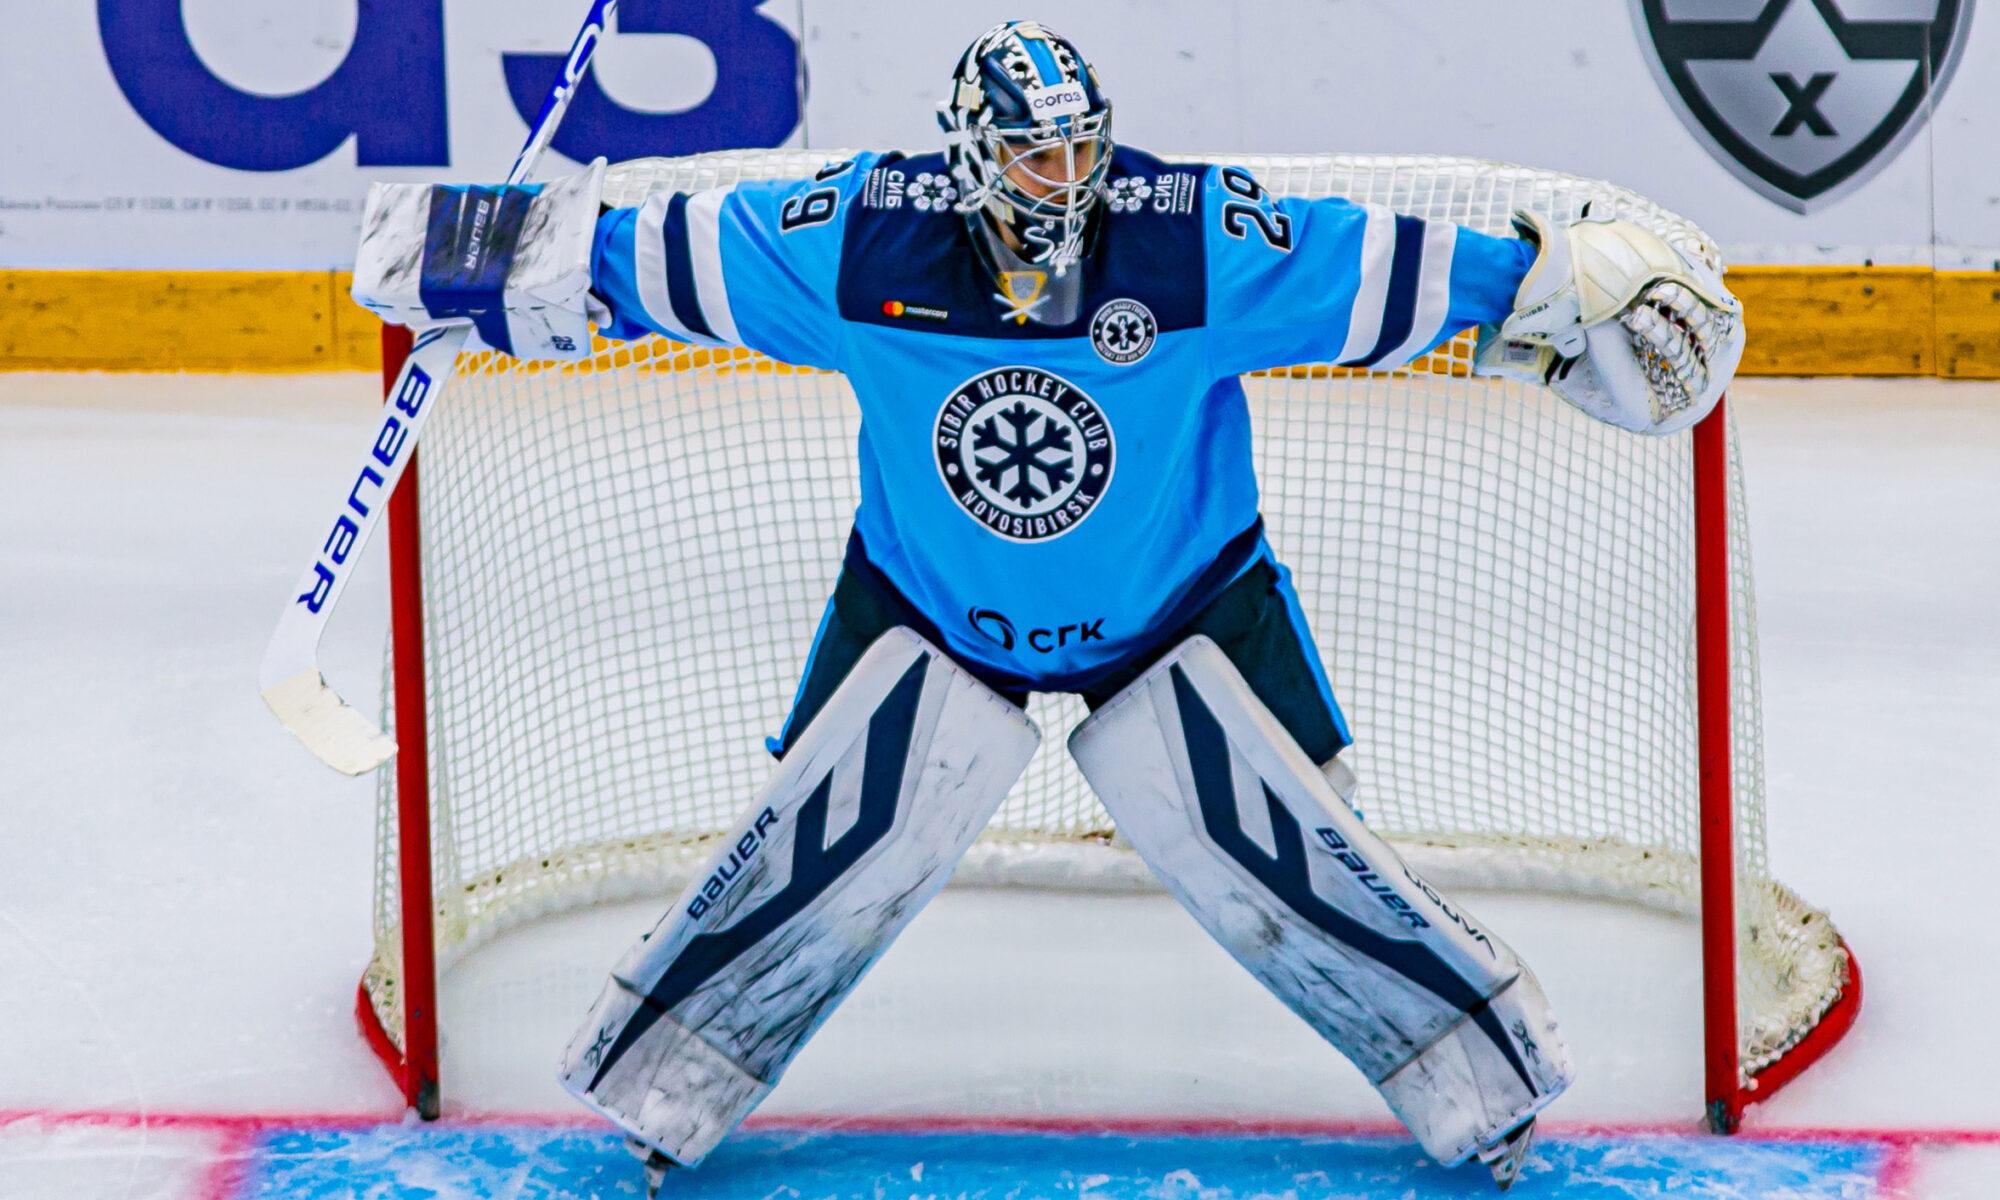 Вратарь «Сибири» Харри Сятери. Фото из официальной группы ХК «Сибирь» ВКонтакте